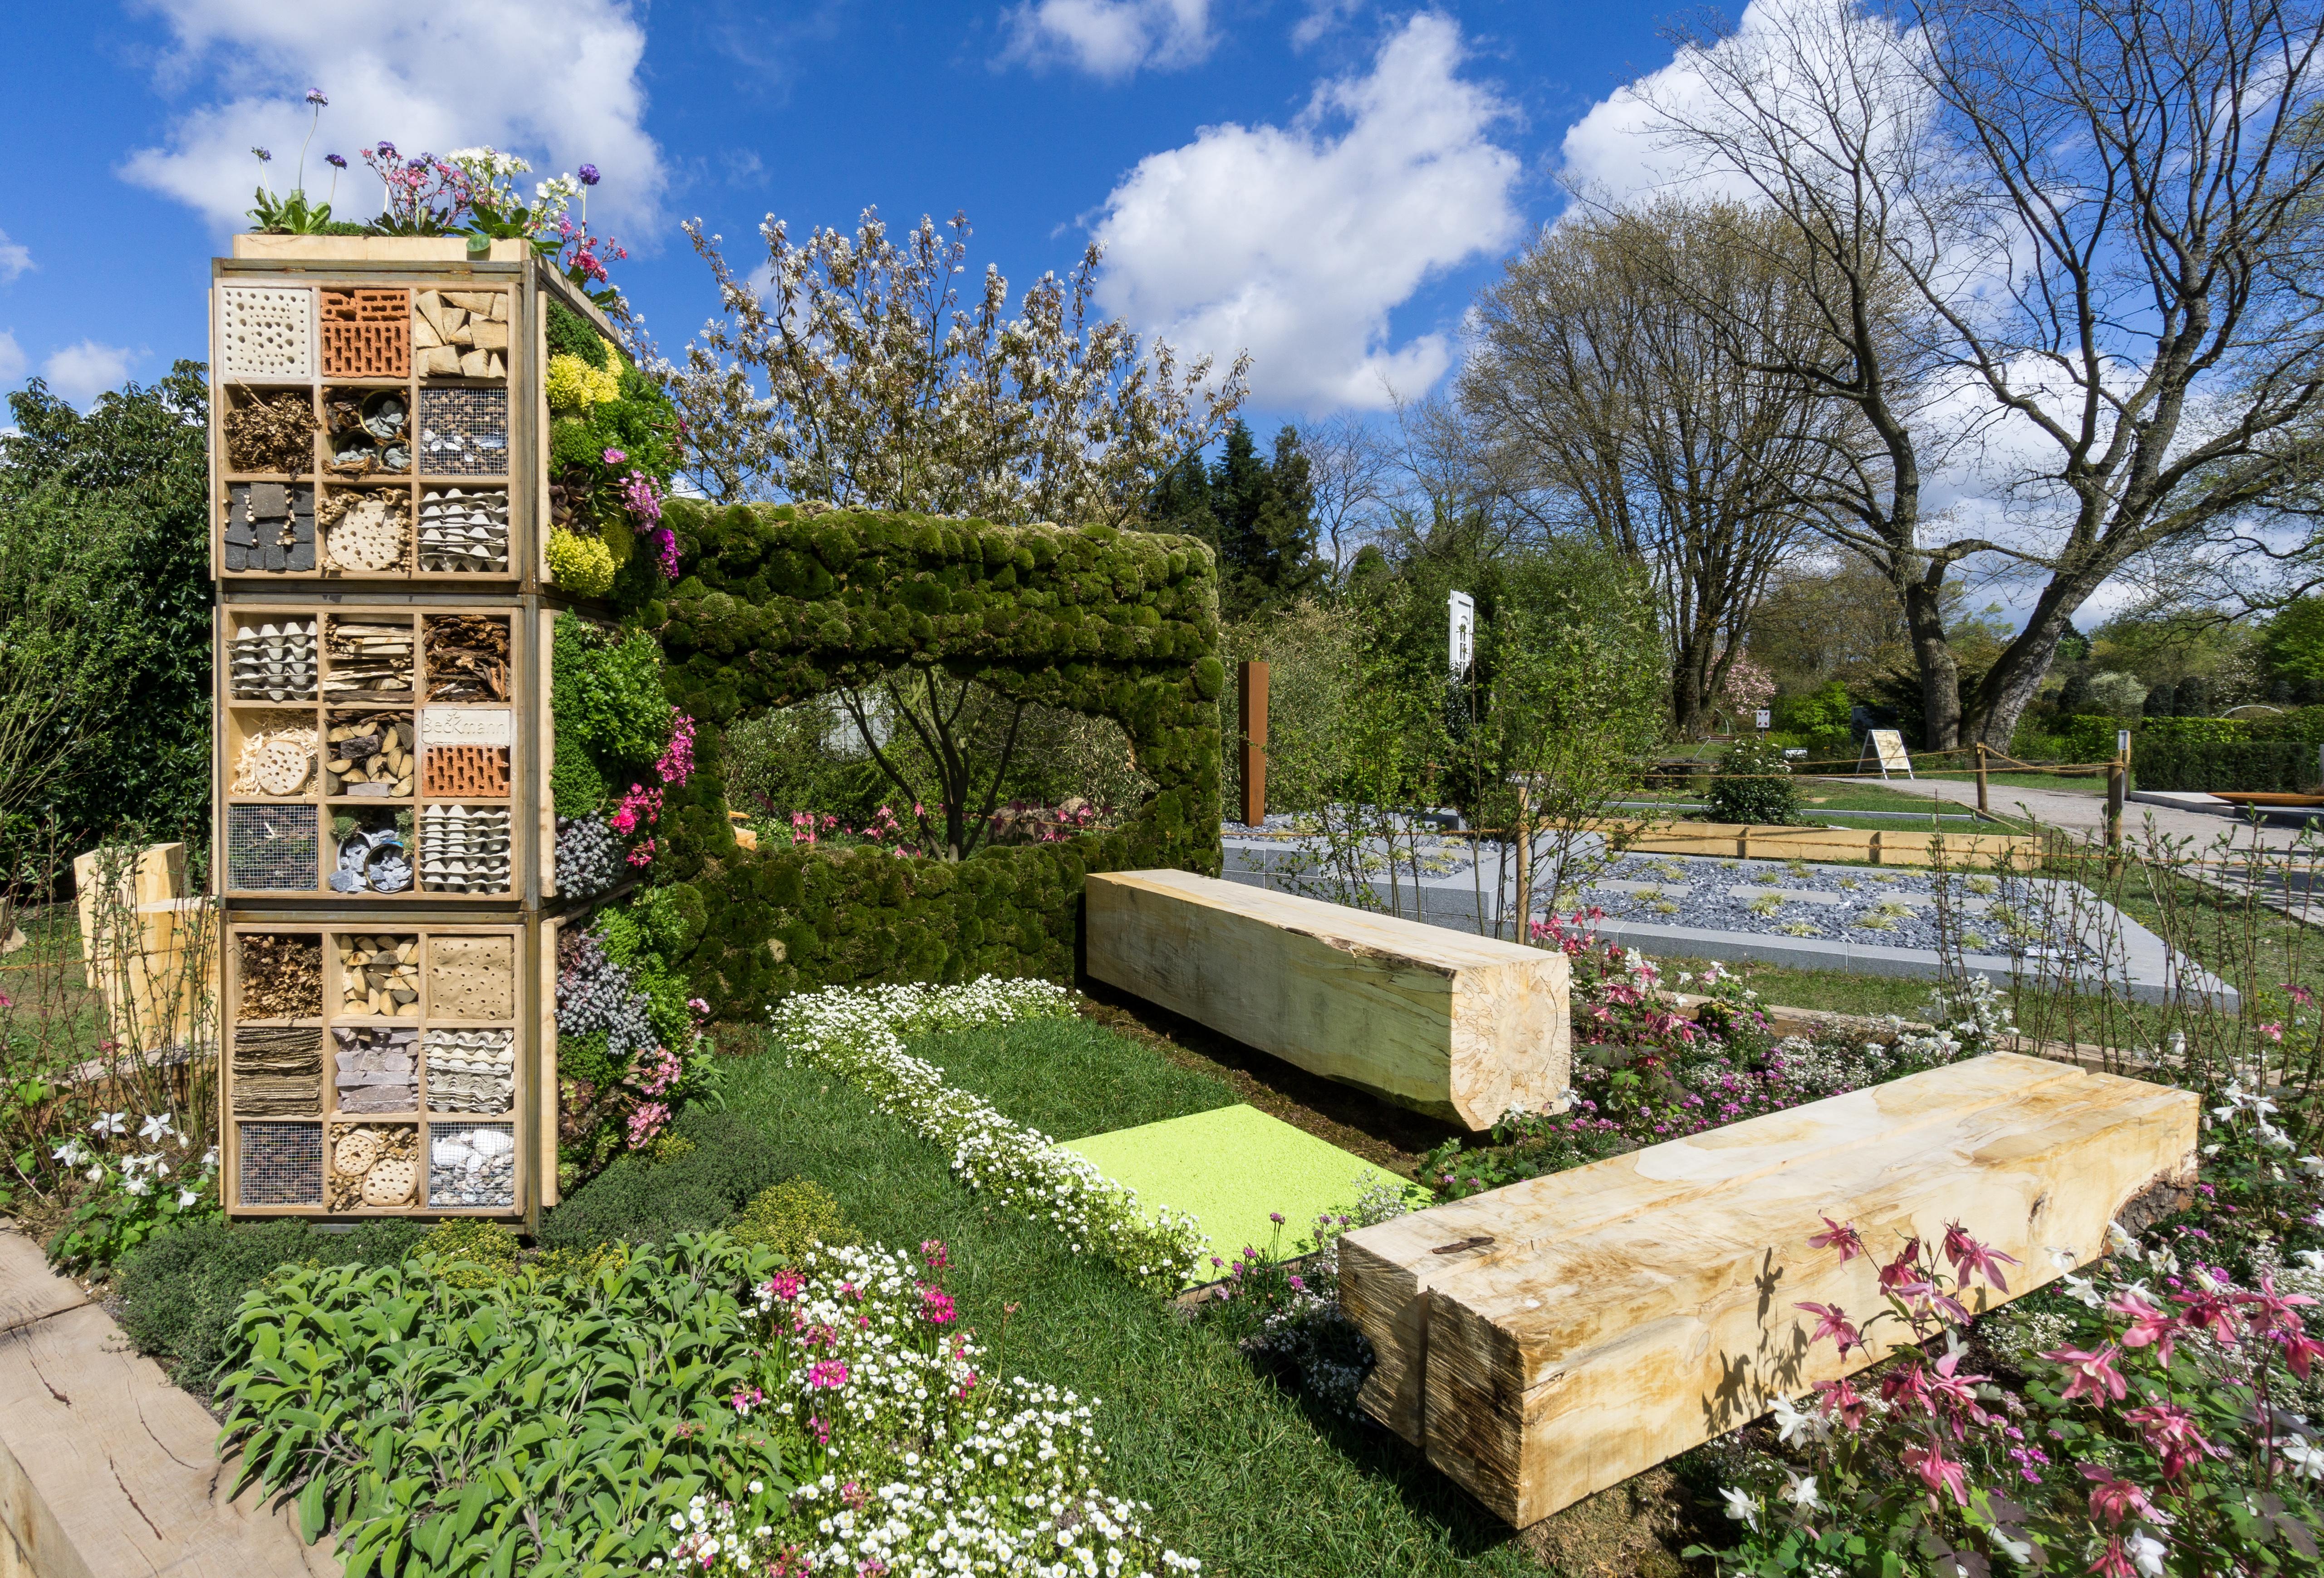 Garten- und Landschaftsbau – Wikipedia